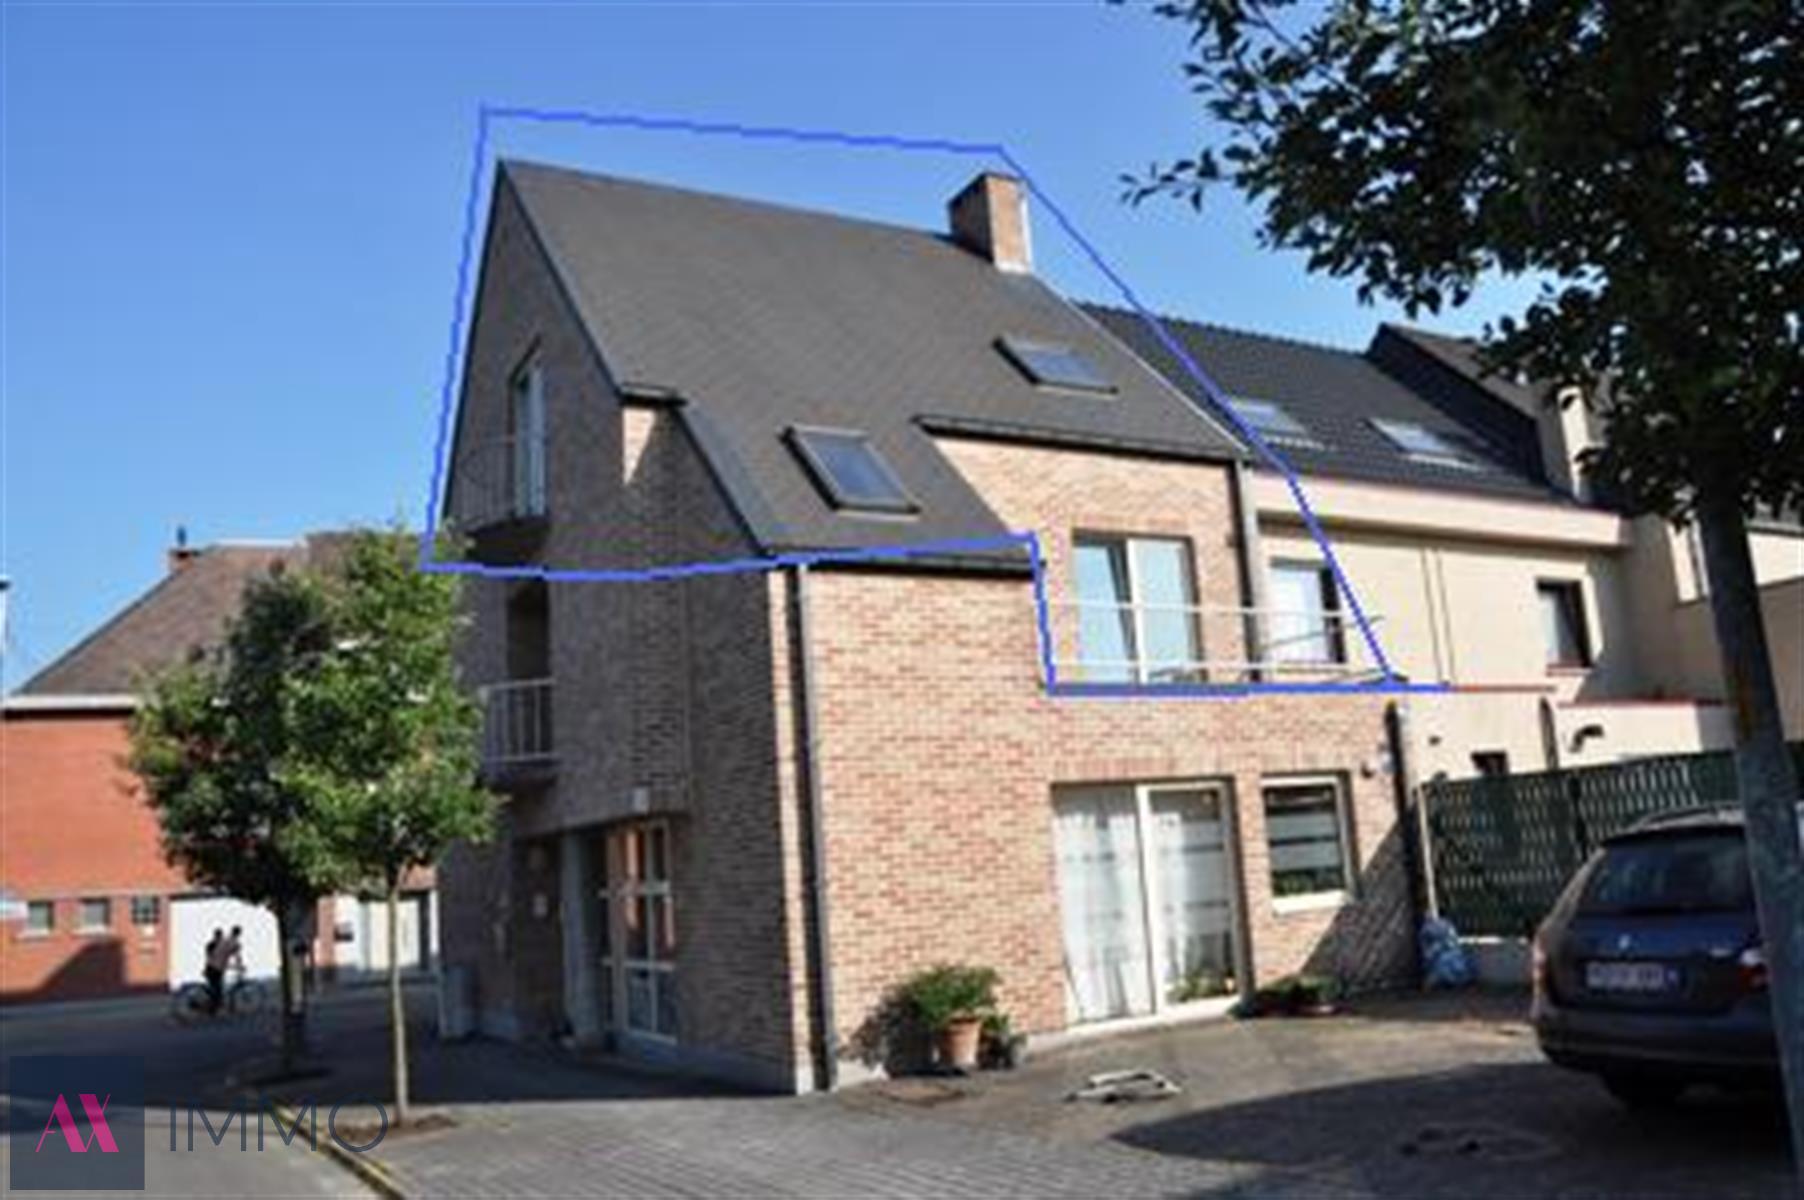 Duplex-appartement met 3 slaapkamers en terras gelegen in het centrum van Lebbeke, vrij vanaf 01/03/2020